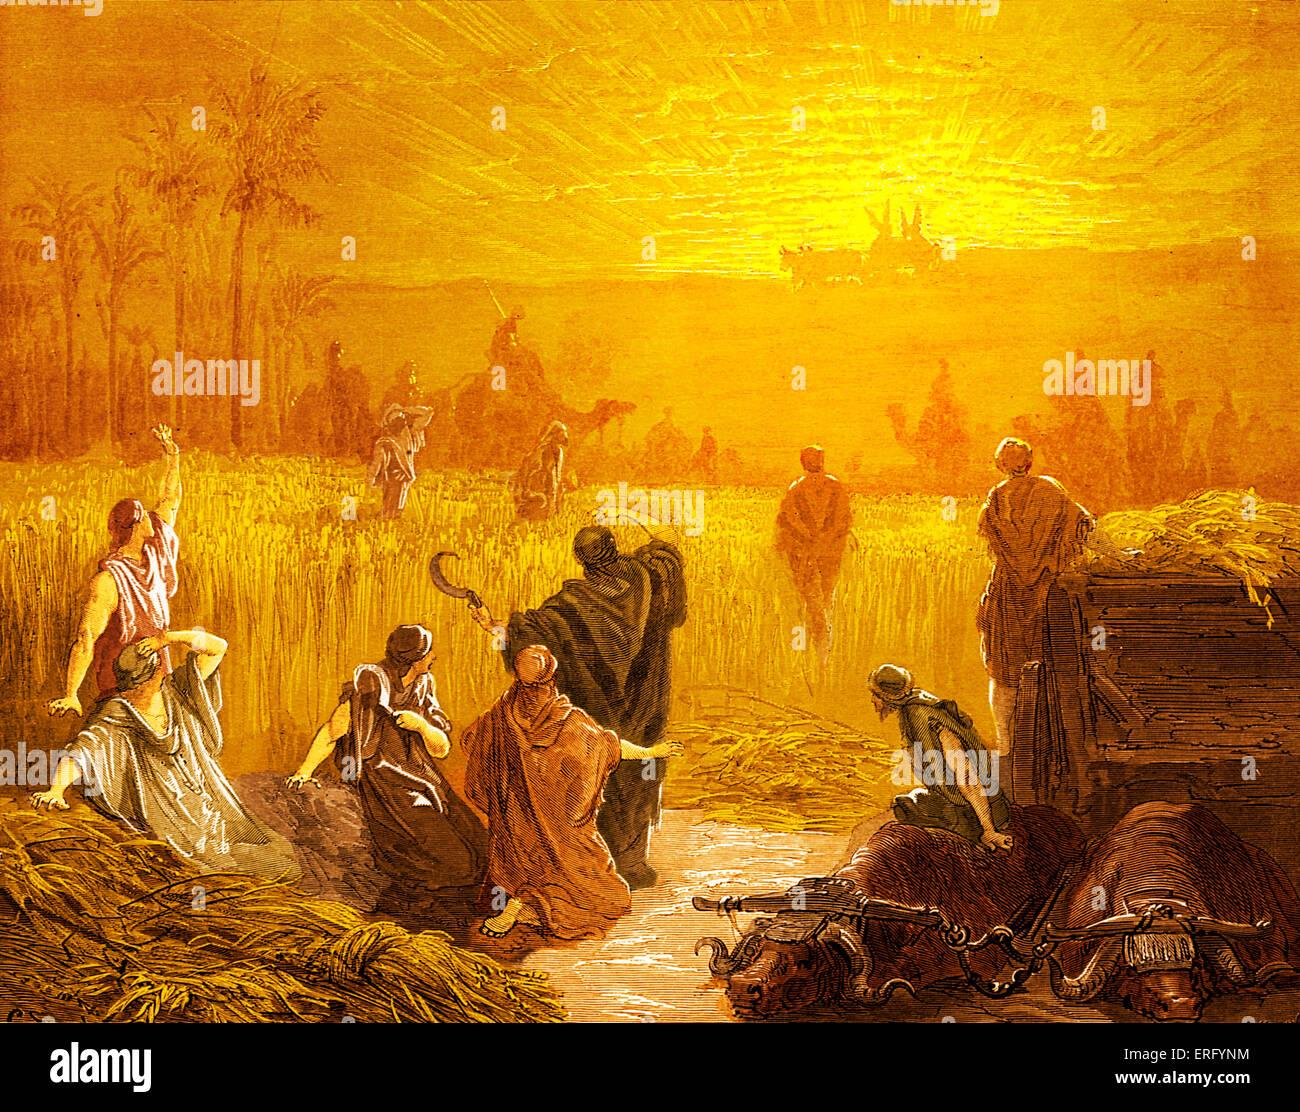 Beth Shemesh Judah: The Return Of The Ark Of The Covenant To Beth Shemesh